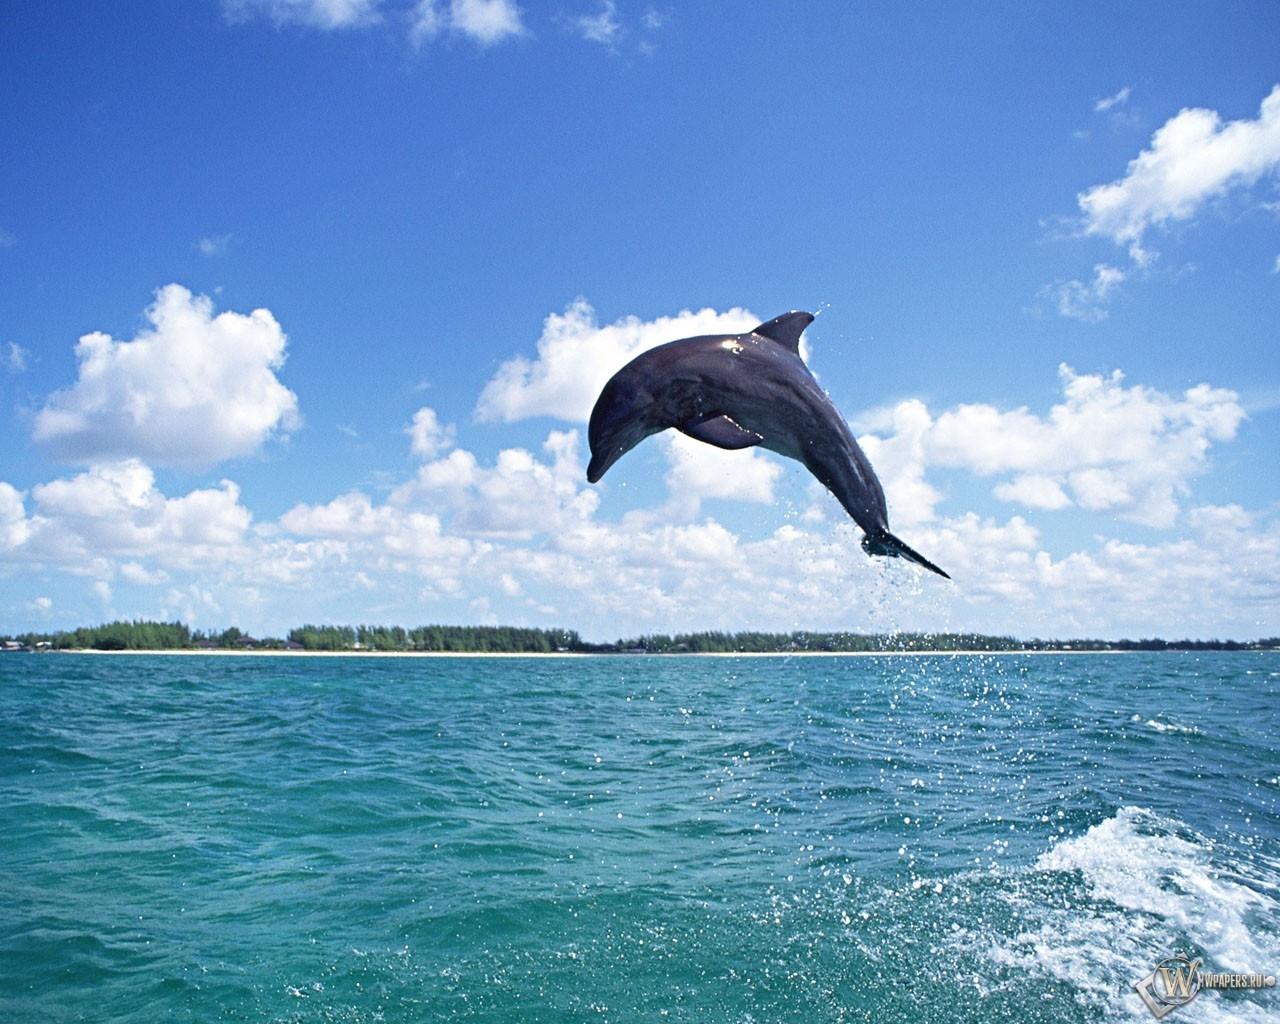 Дельфин в прыжке 1280x1024